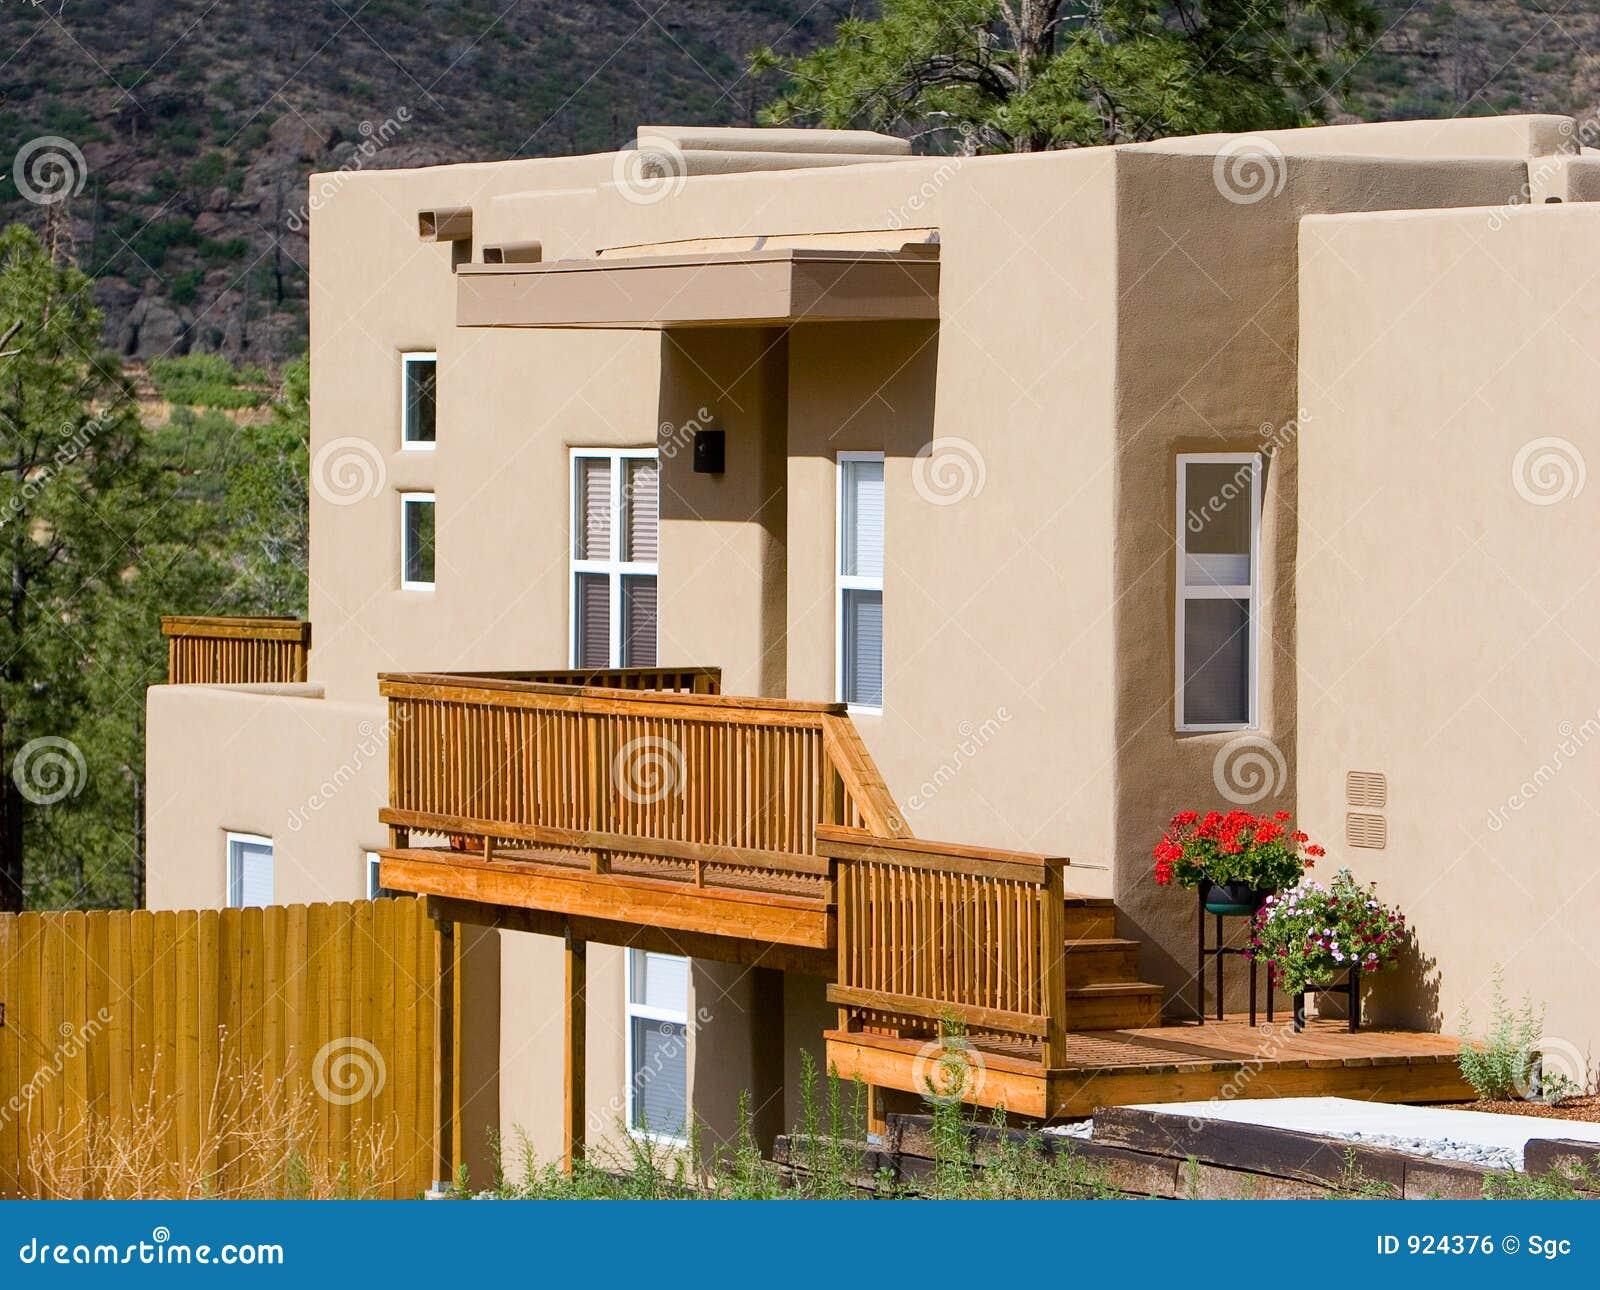 Adobe Style House Stock Photo Image Of House Dwelling